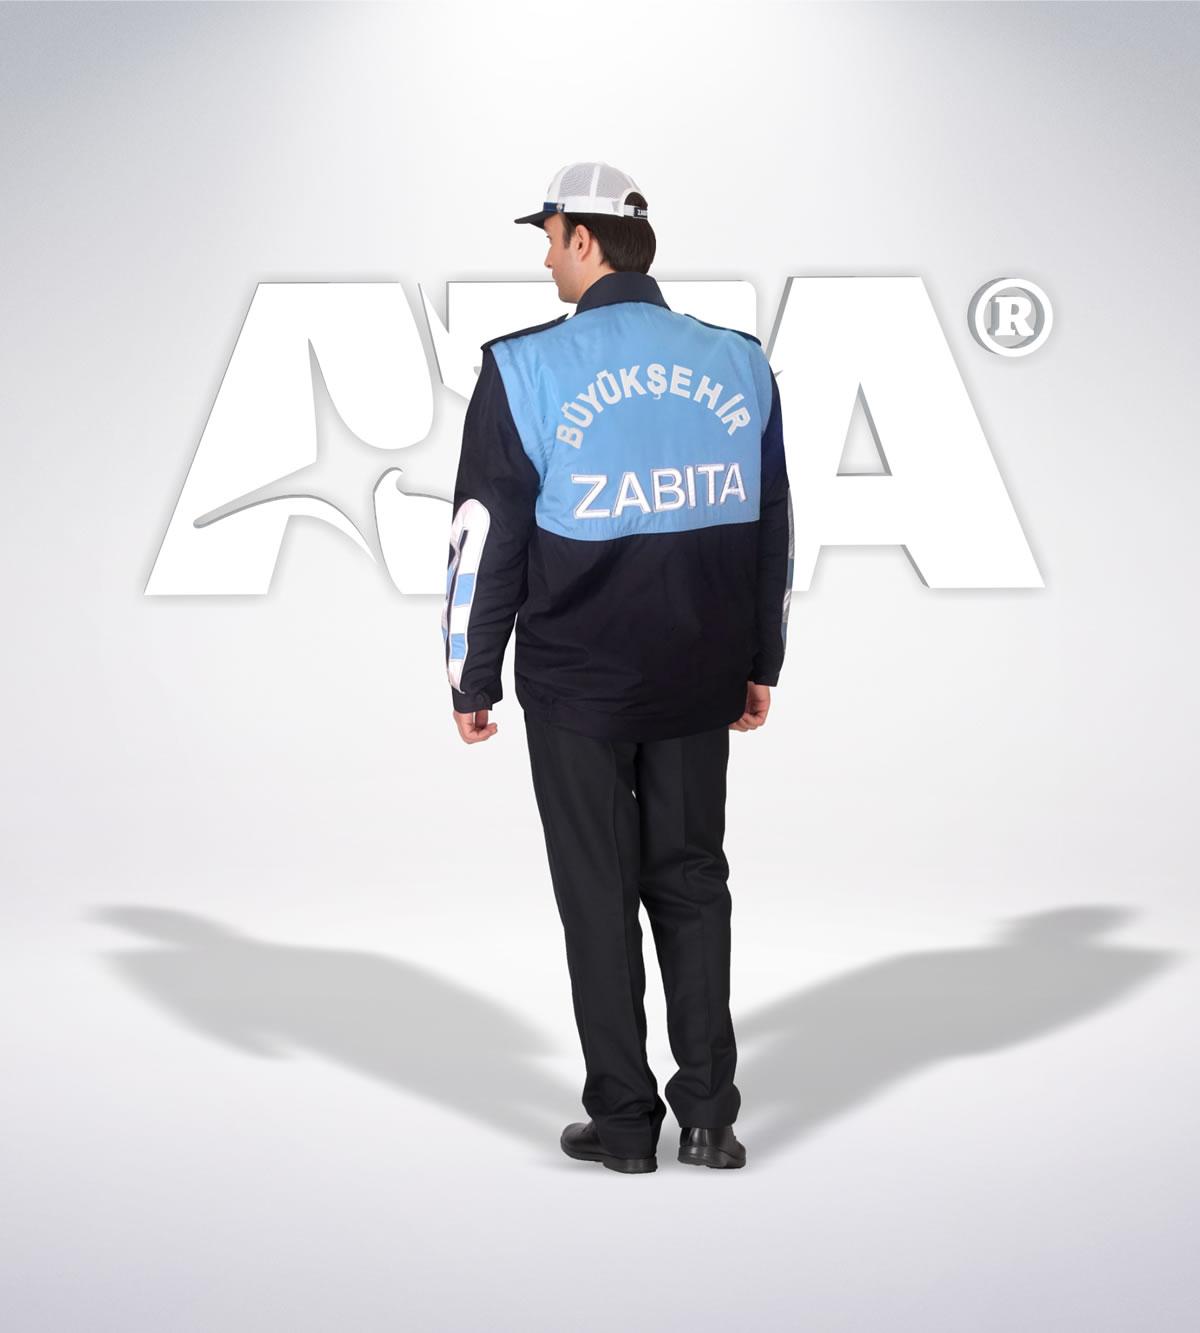 ATA 214 - arka - Pantolon kışlık -mont-reflektör-aksesuar - zabıta elbiseleri | zabıta üniformaları | zabıta kıyafetleri